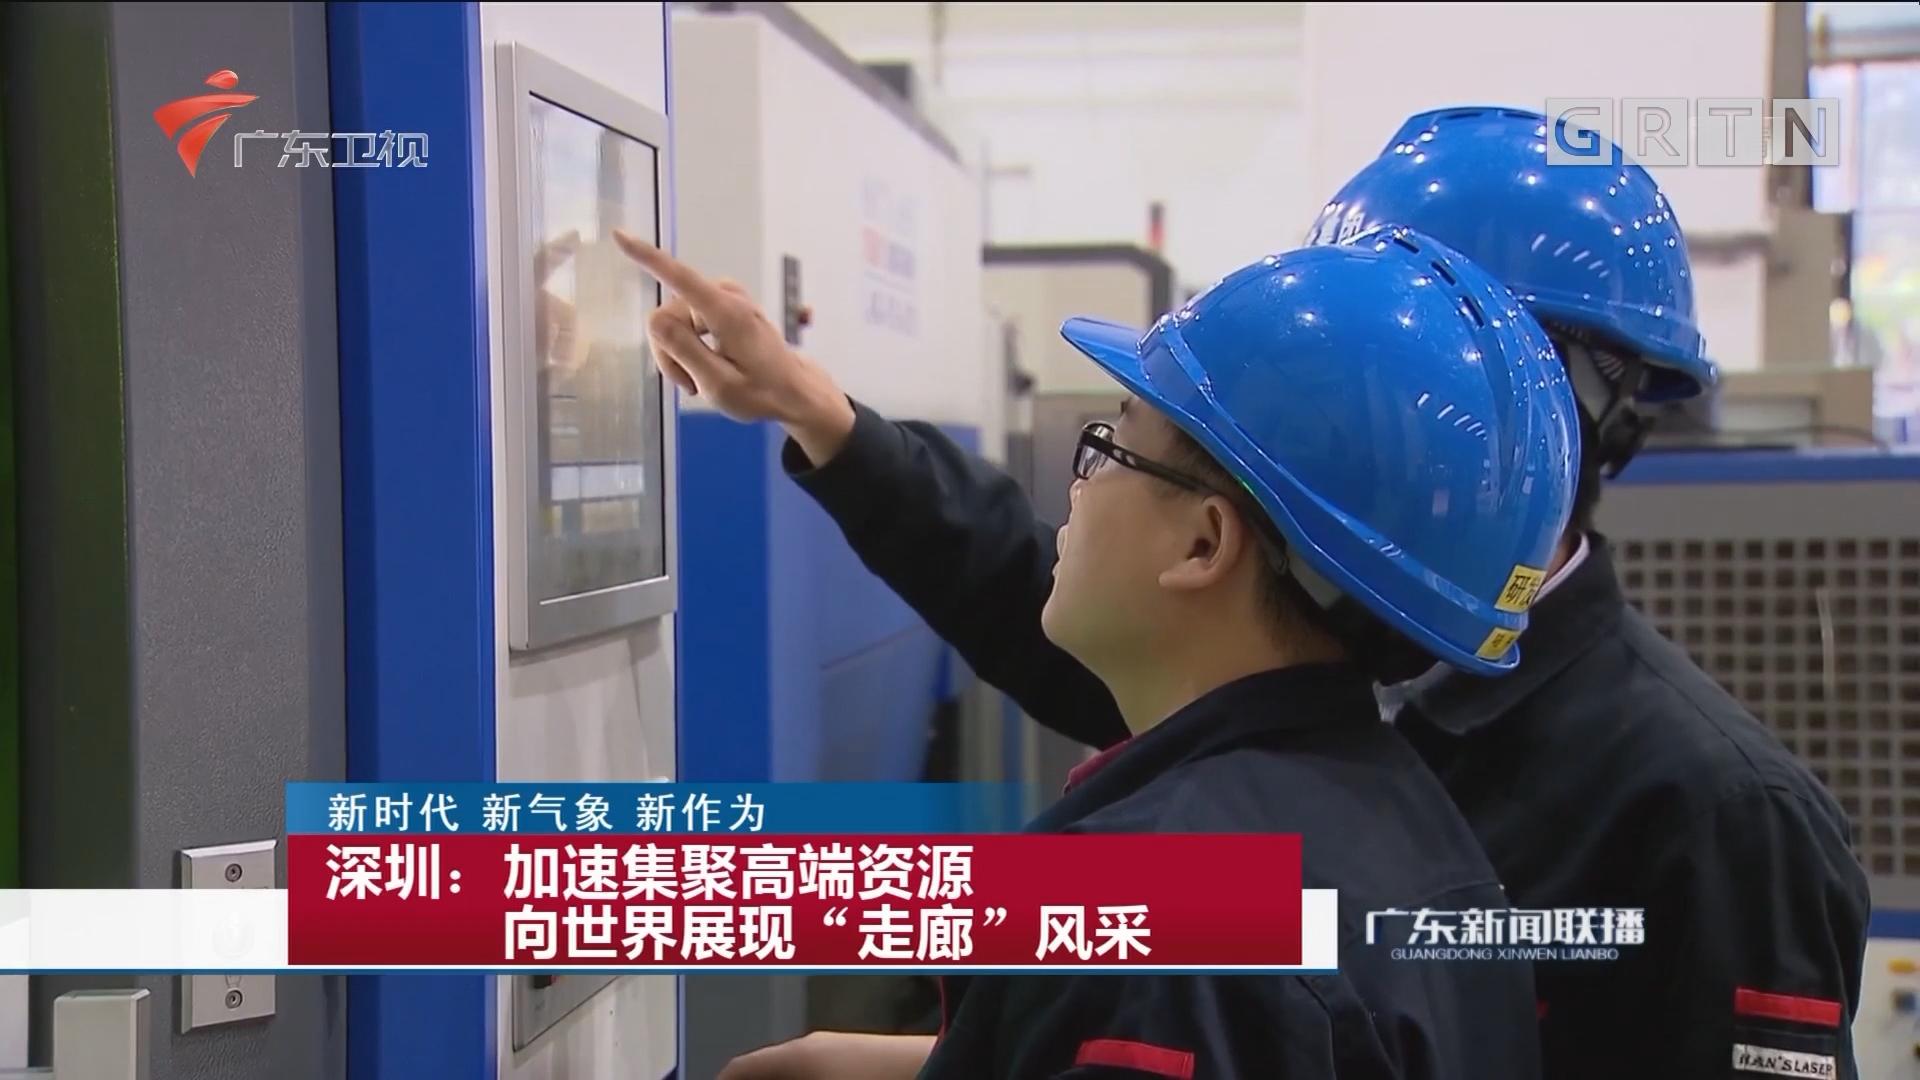 """深圳:加速集聚高端资源 向世界展现""""走廊""""风采"""